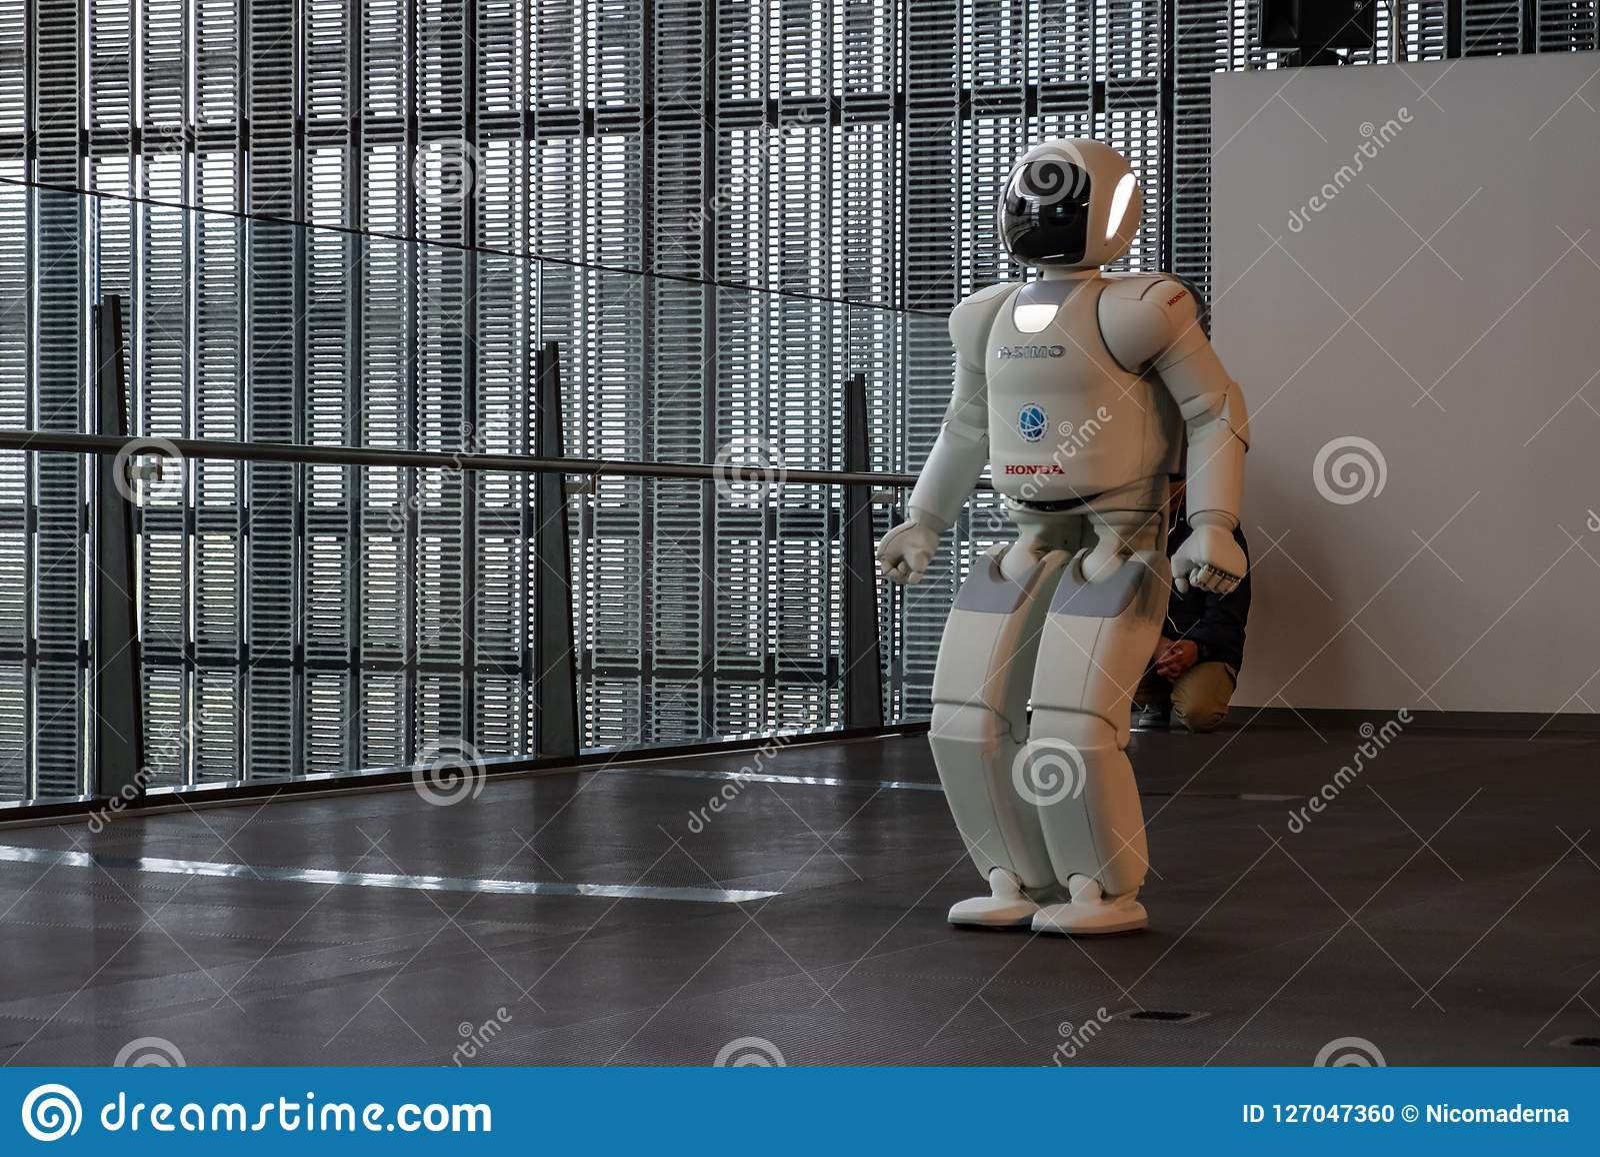 执行展示的Asimo本田机器人在涌现的科学和创新Miraikan国家博物馆